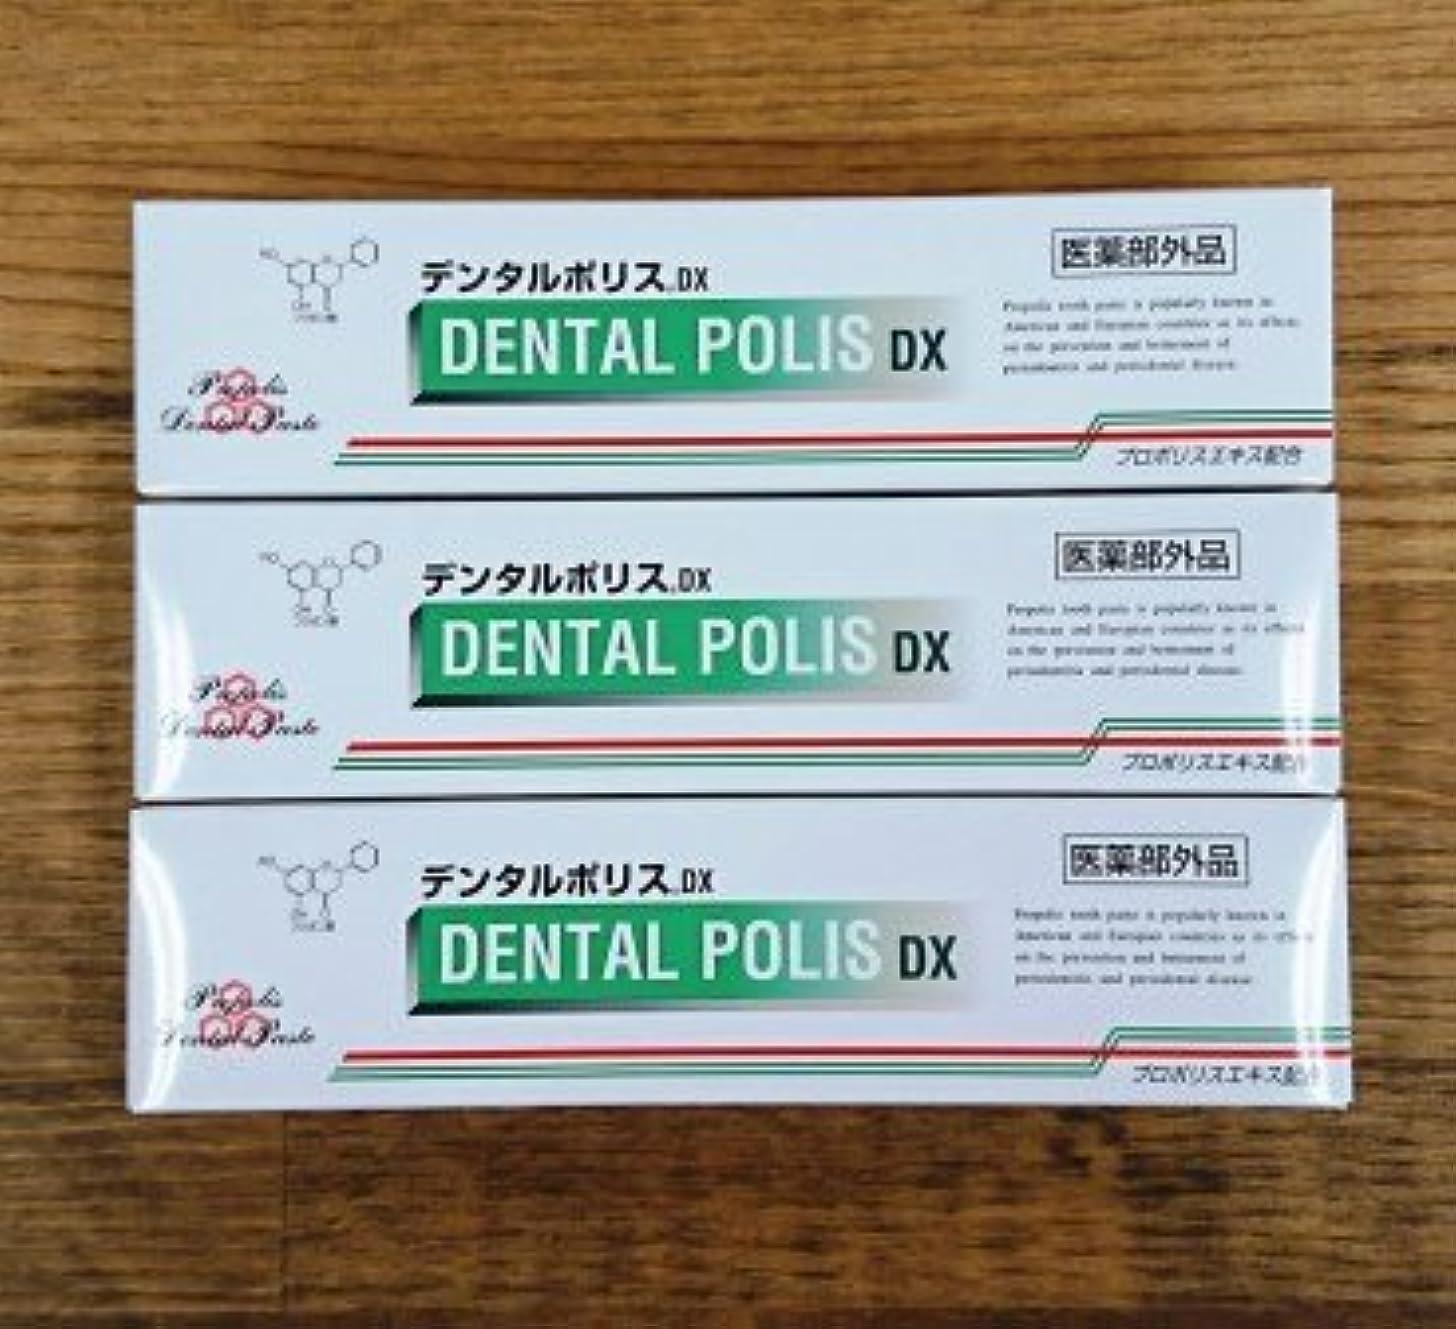 不透明な社員パワーセルデンタルポリスDX80g×3本セット 医薬部外品  歯みがき